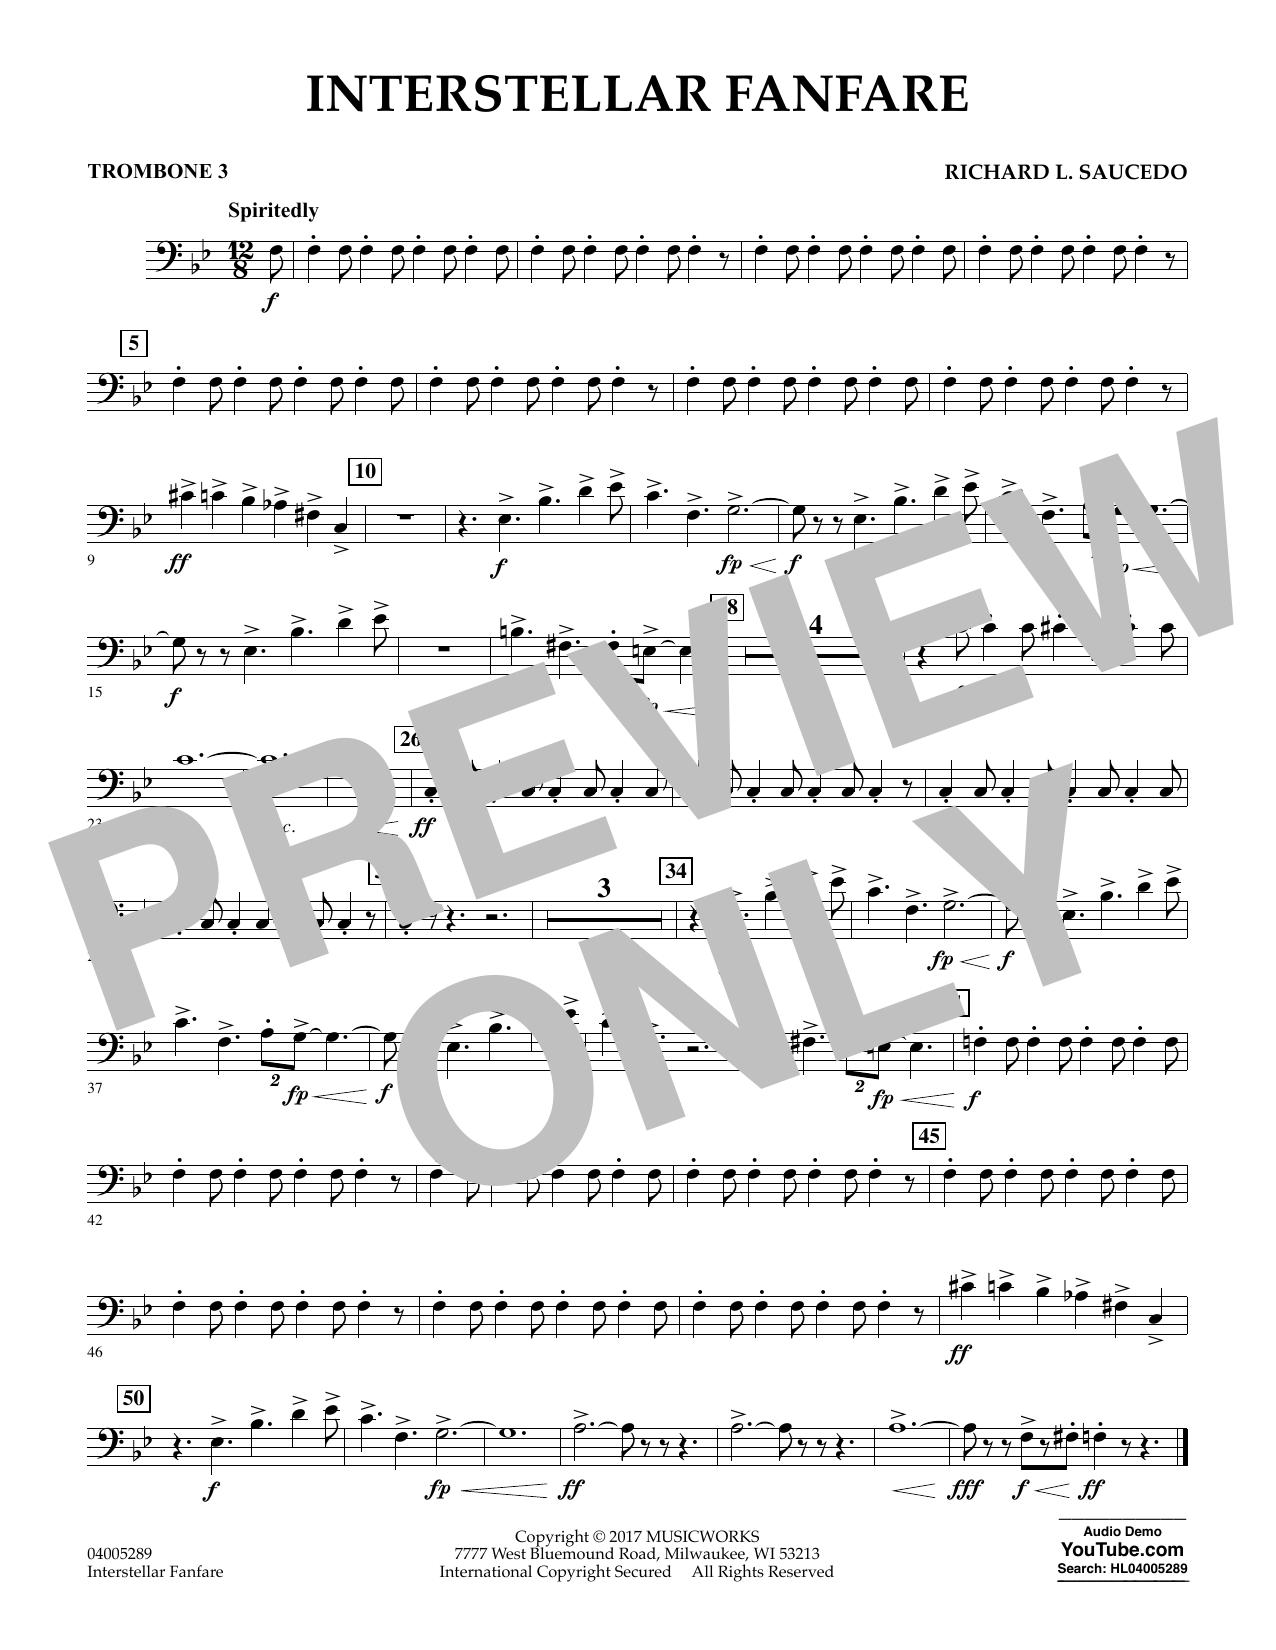 Richard L. Saucedo Interstellar Fanfare - Trombone 3 sheet music notes printable PDF score